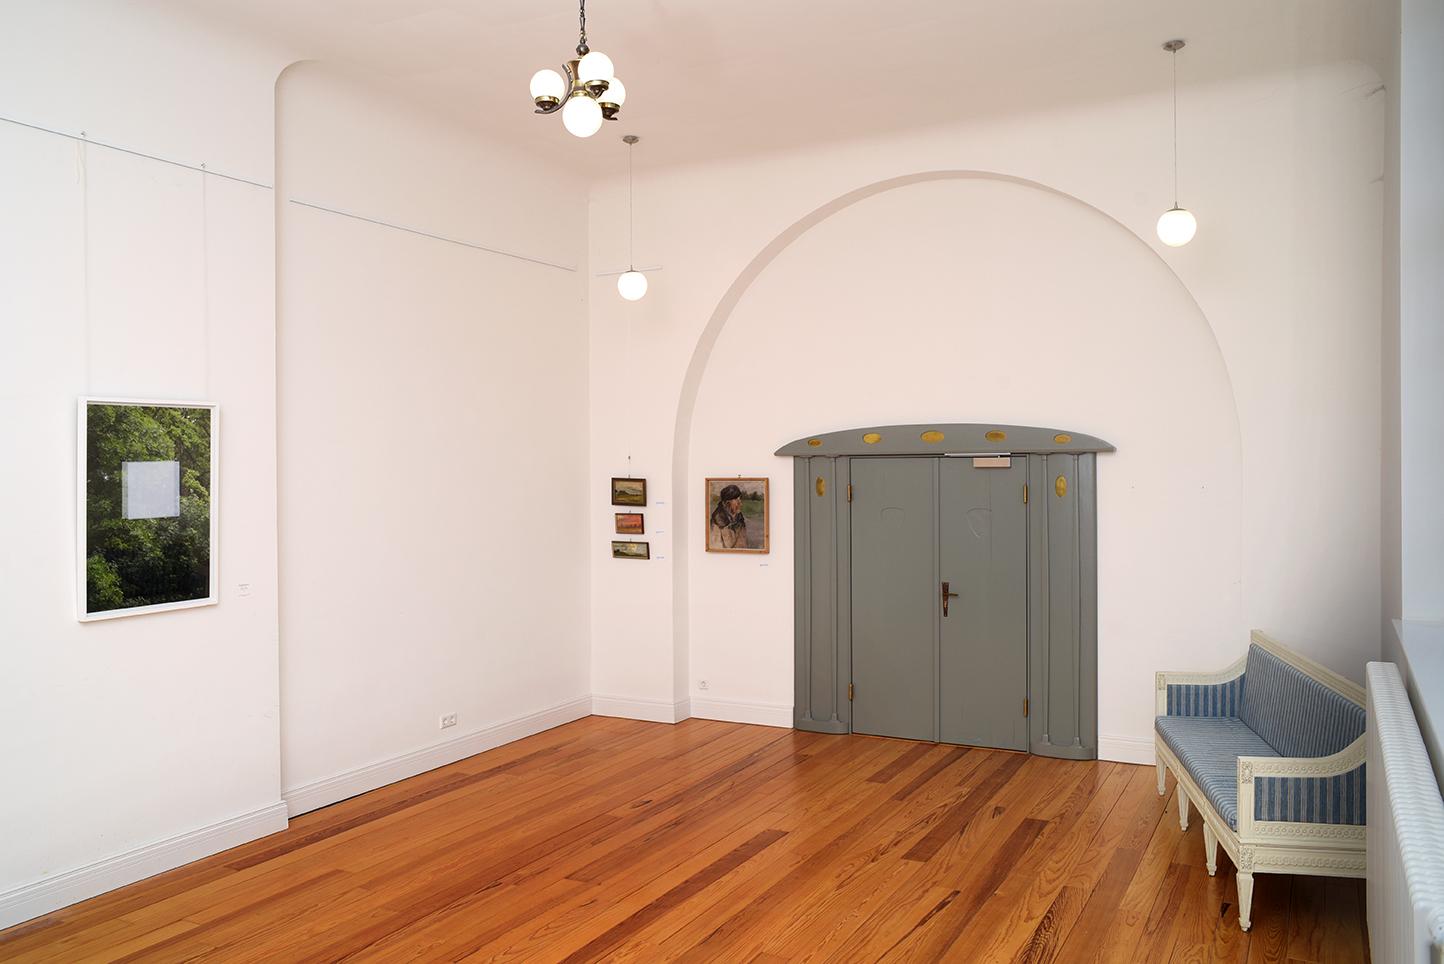 Lietzenburg Innenansichten - Atelier mit Flügeltür, Fotografie von Henriette KRIESE und vier Gemälden von Oskar KRUSE-LIETZENBURG